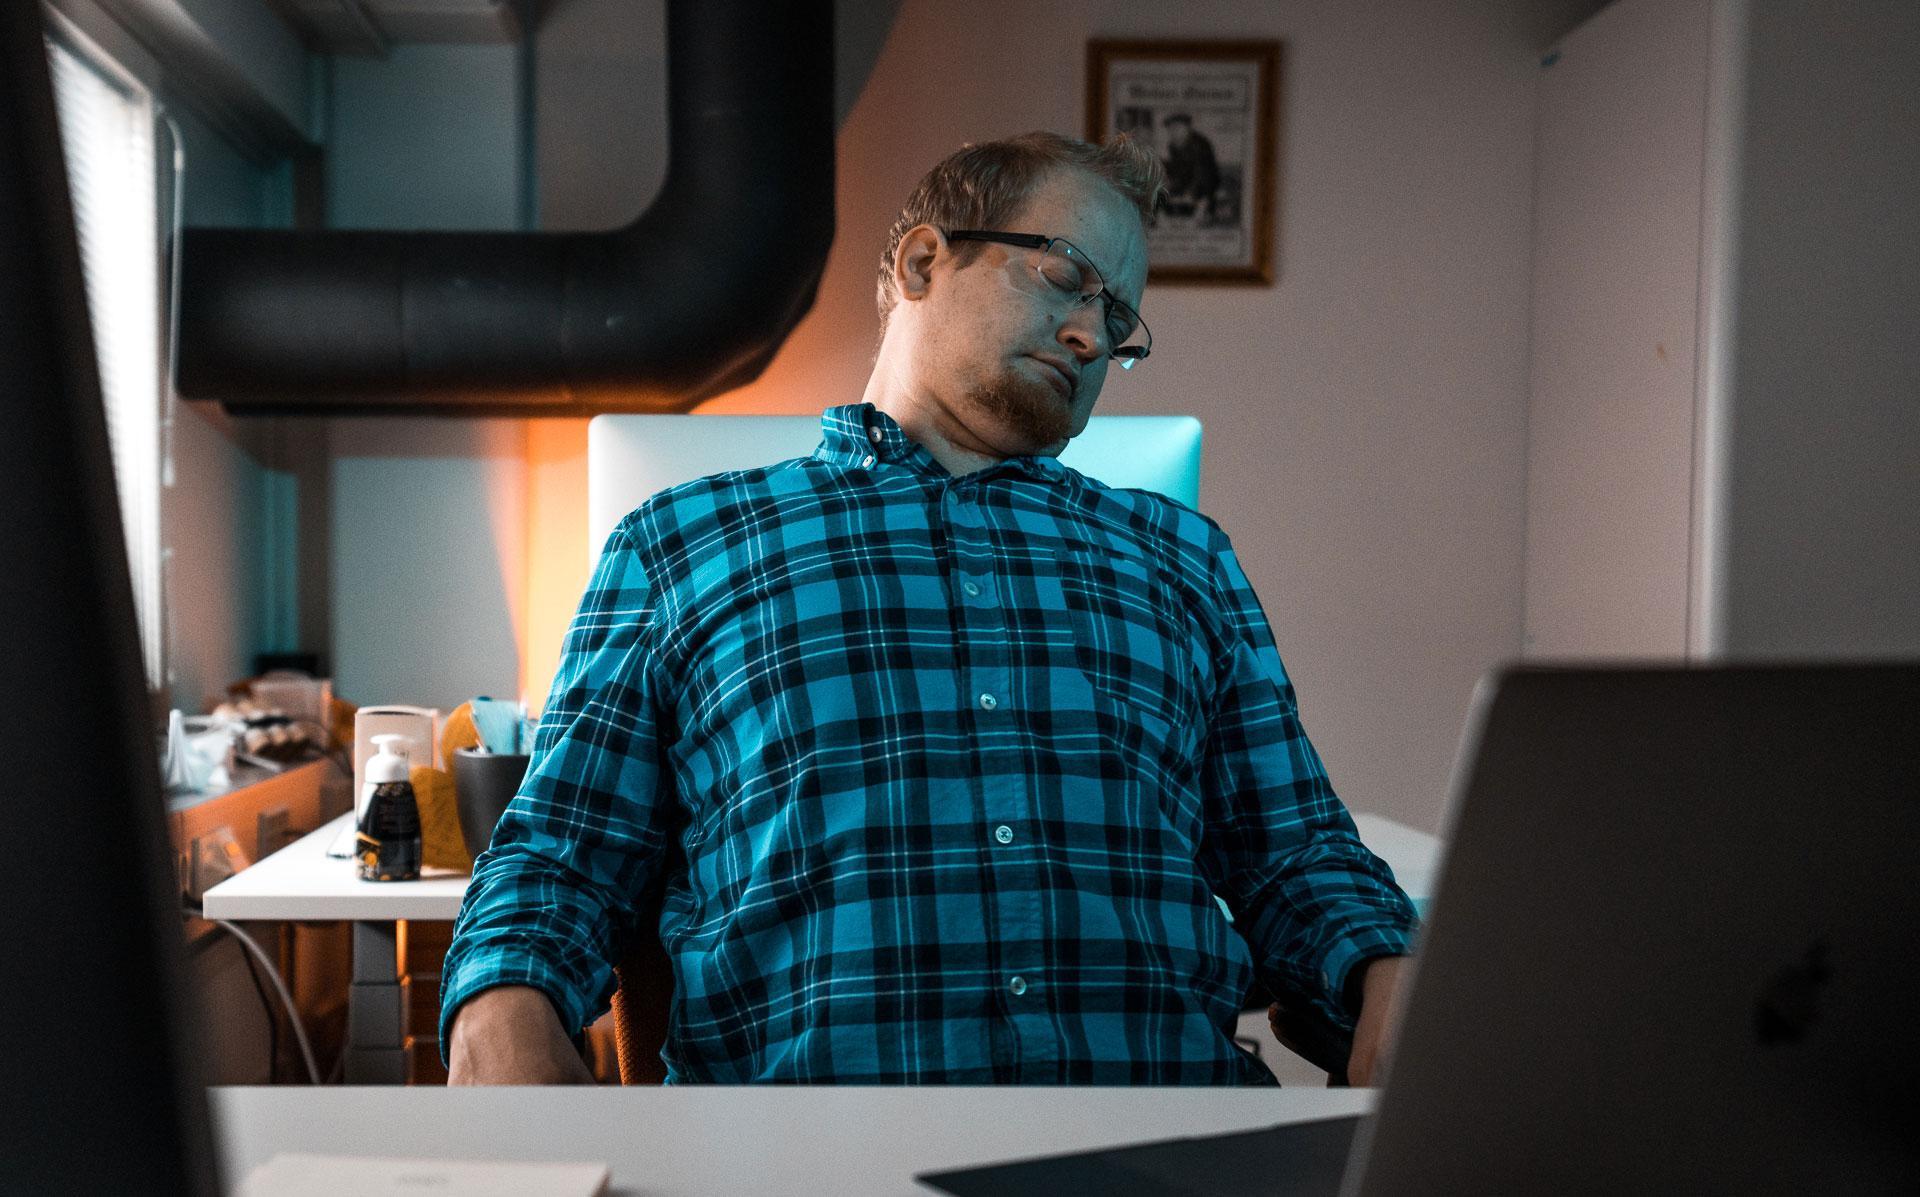 Mies torkkuu työpöydän äärellä.